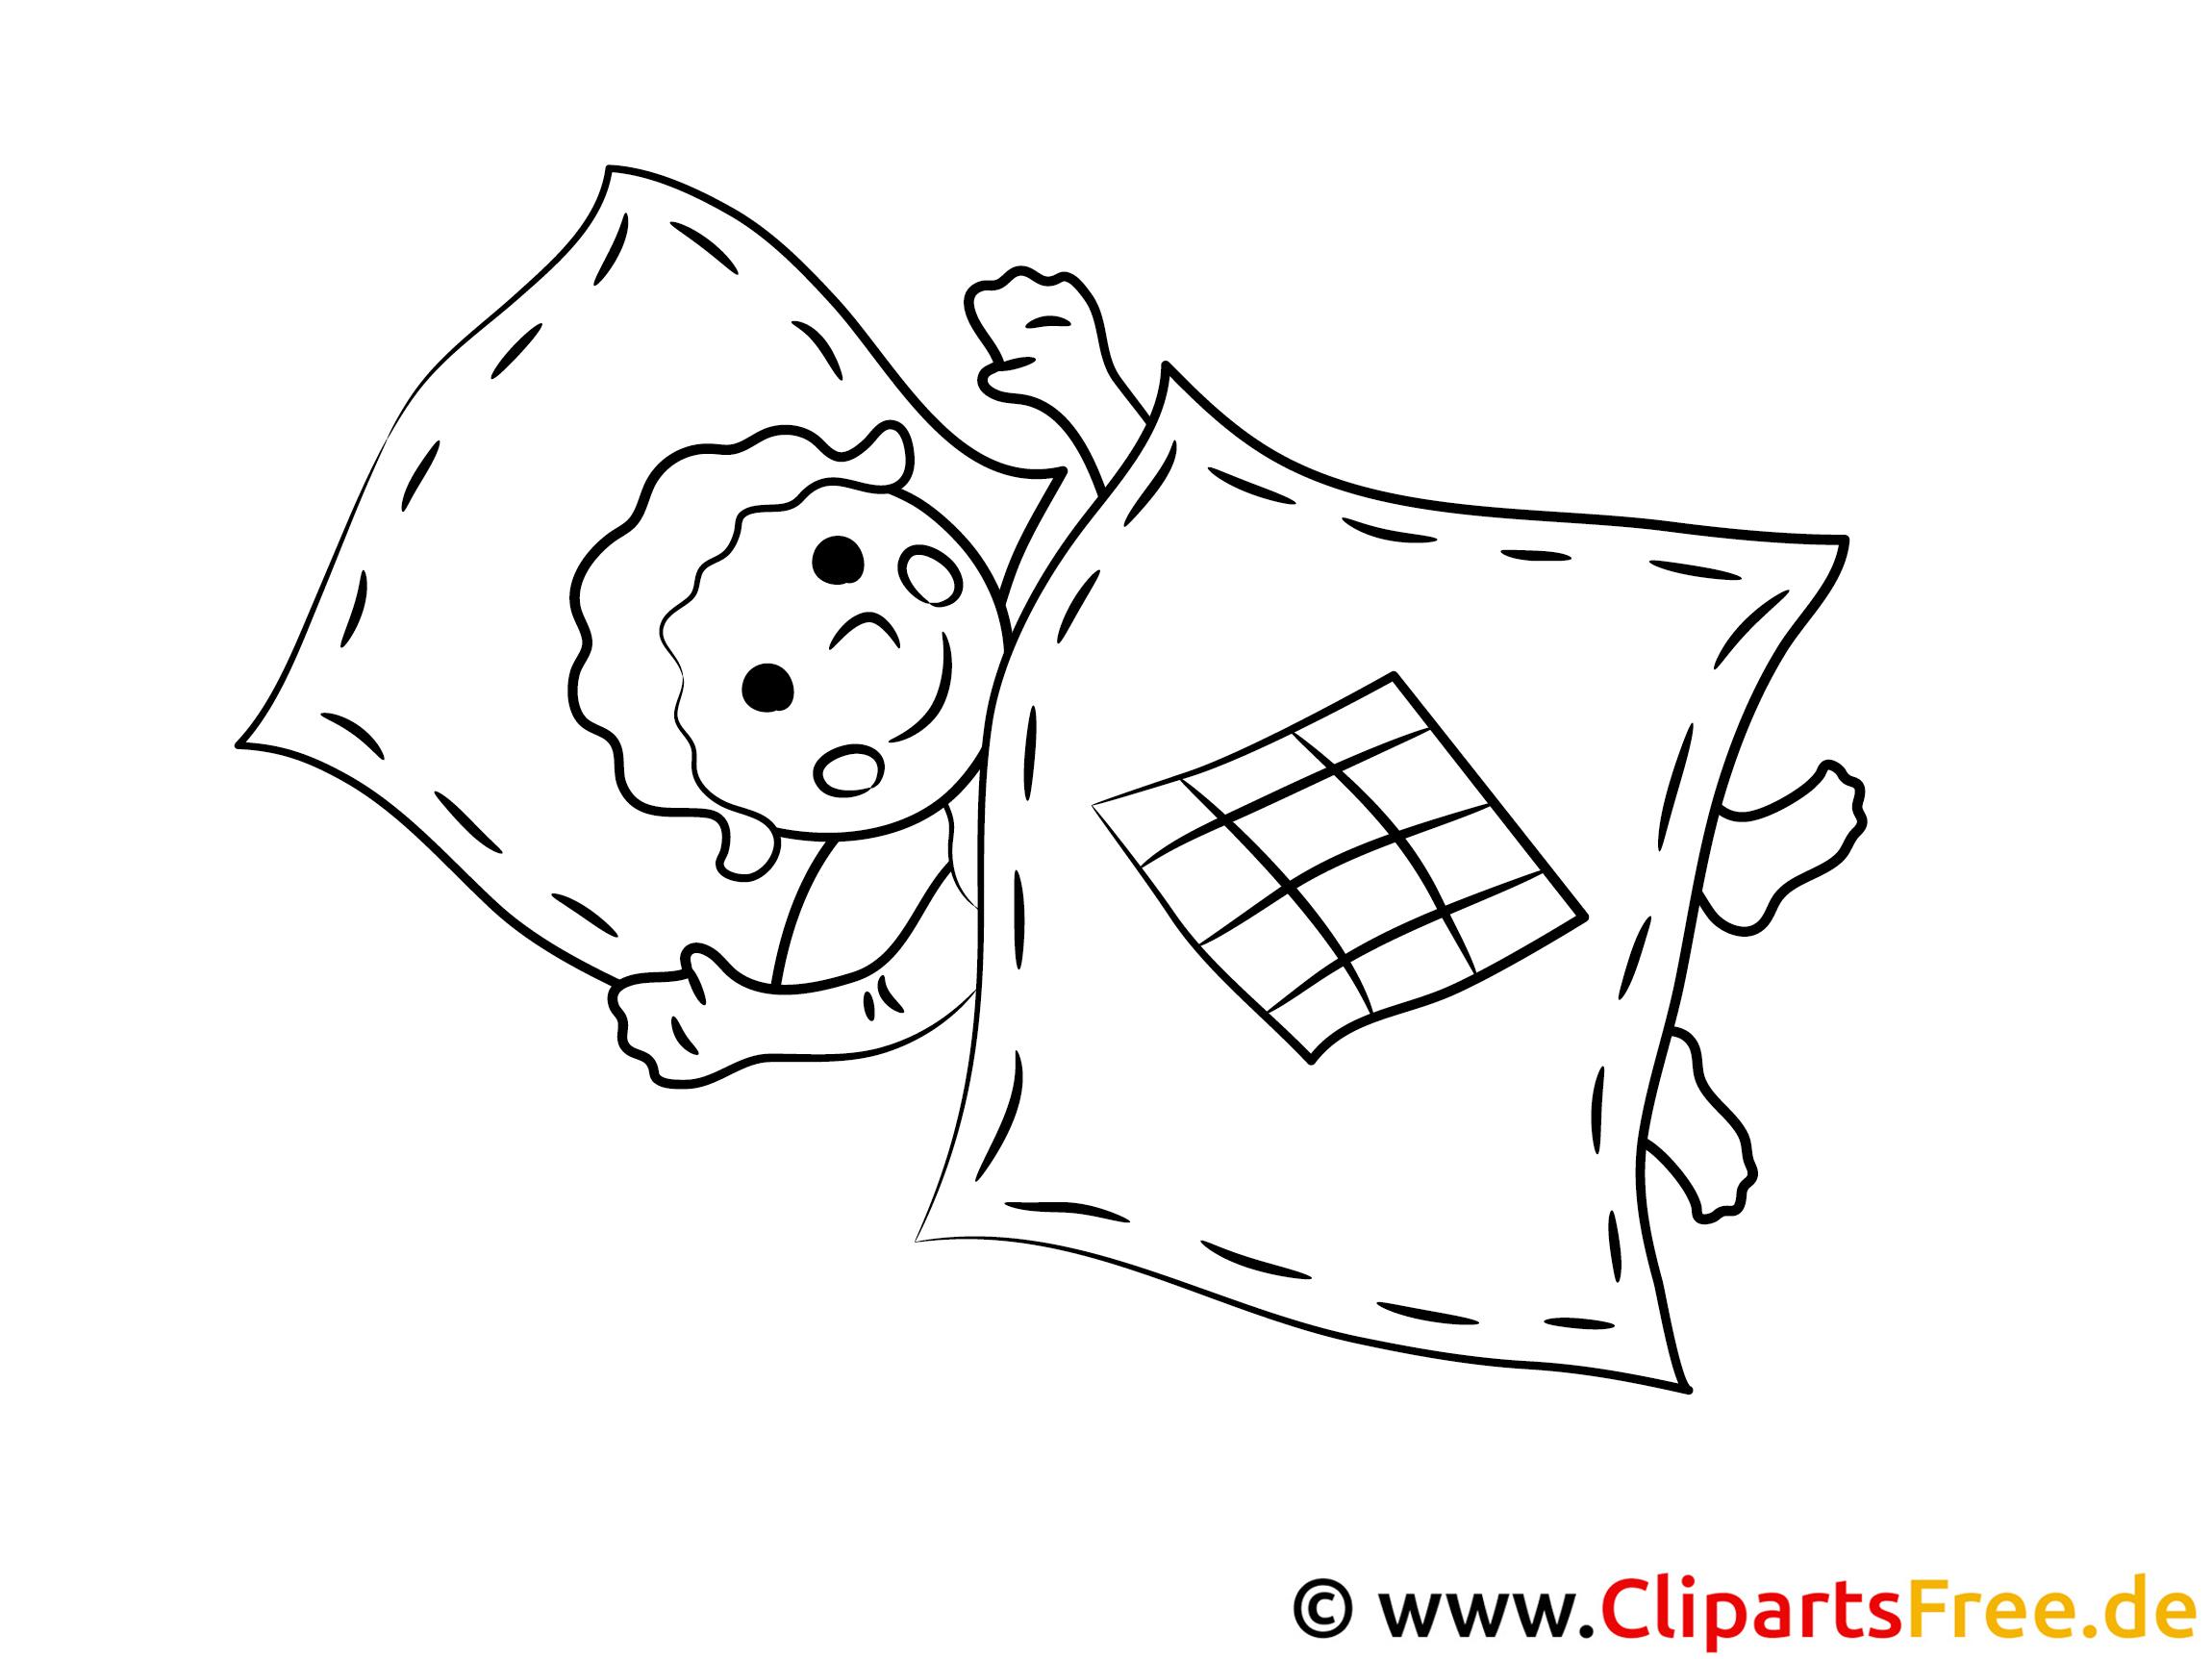 Baby Ausmalbilder kostenlos zum Ausdrucken